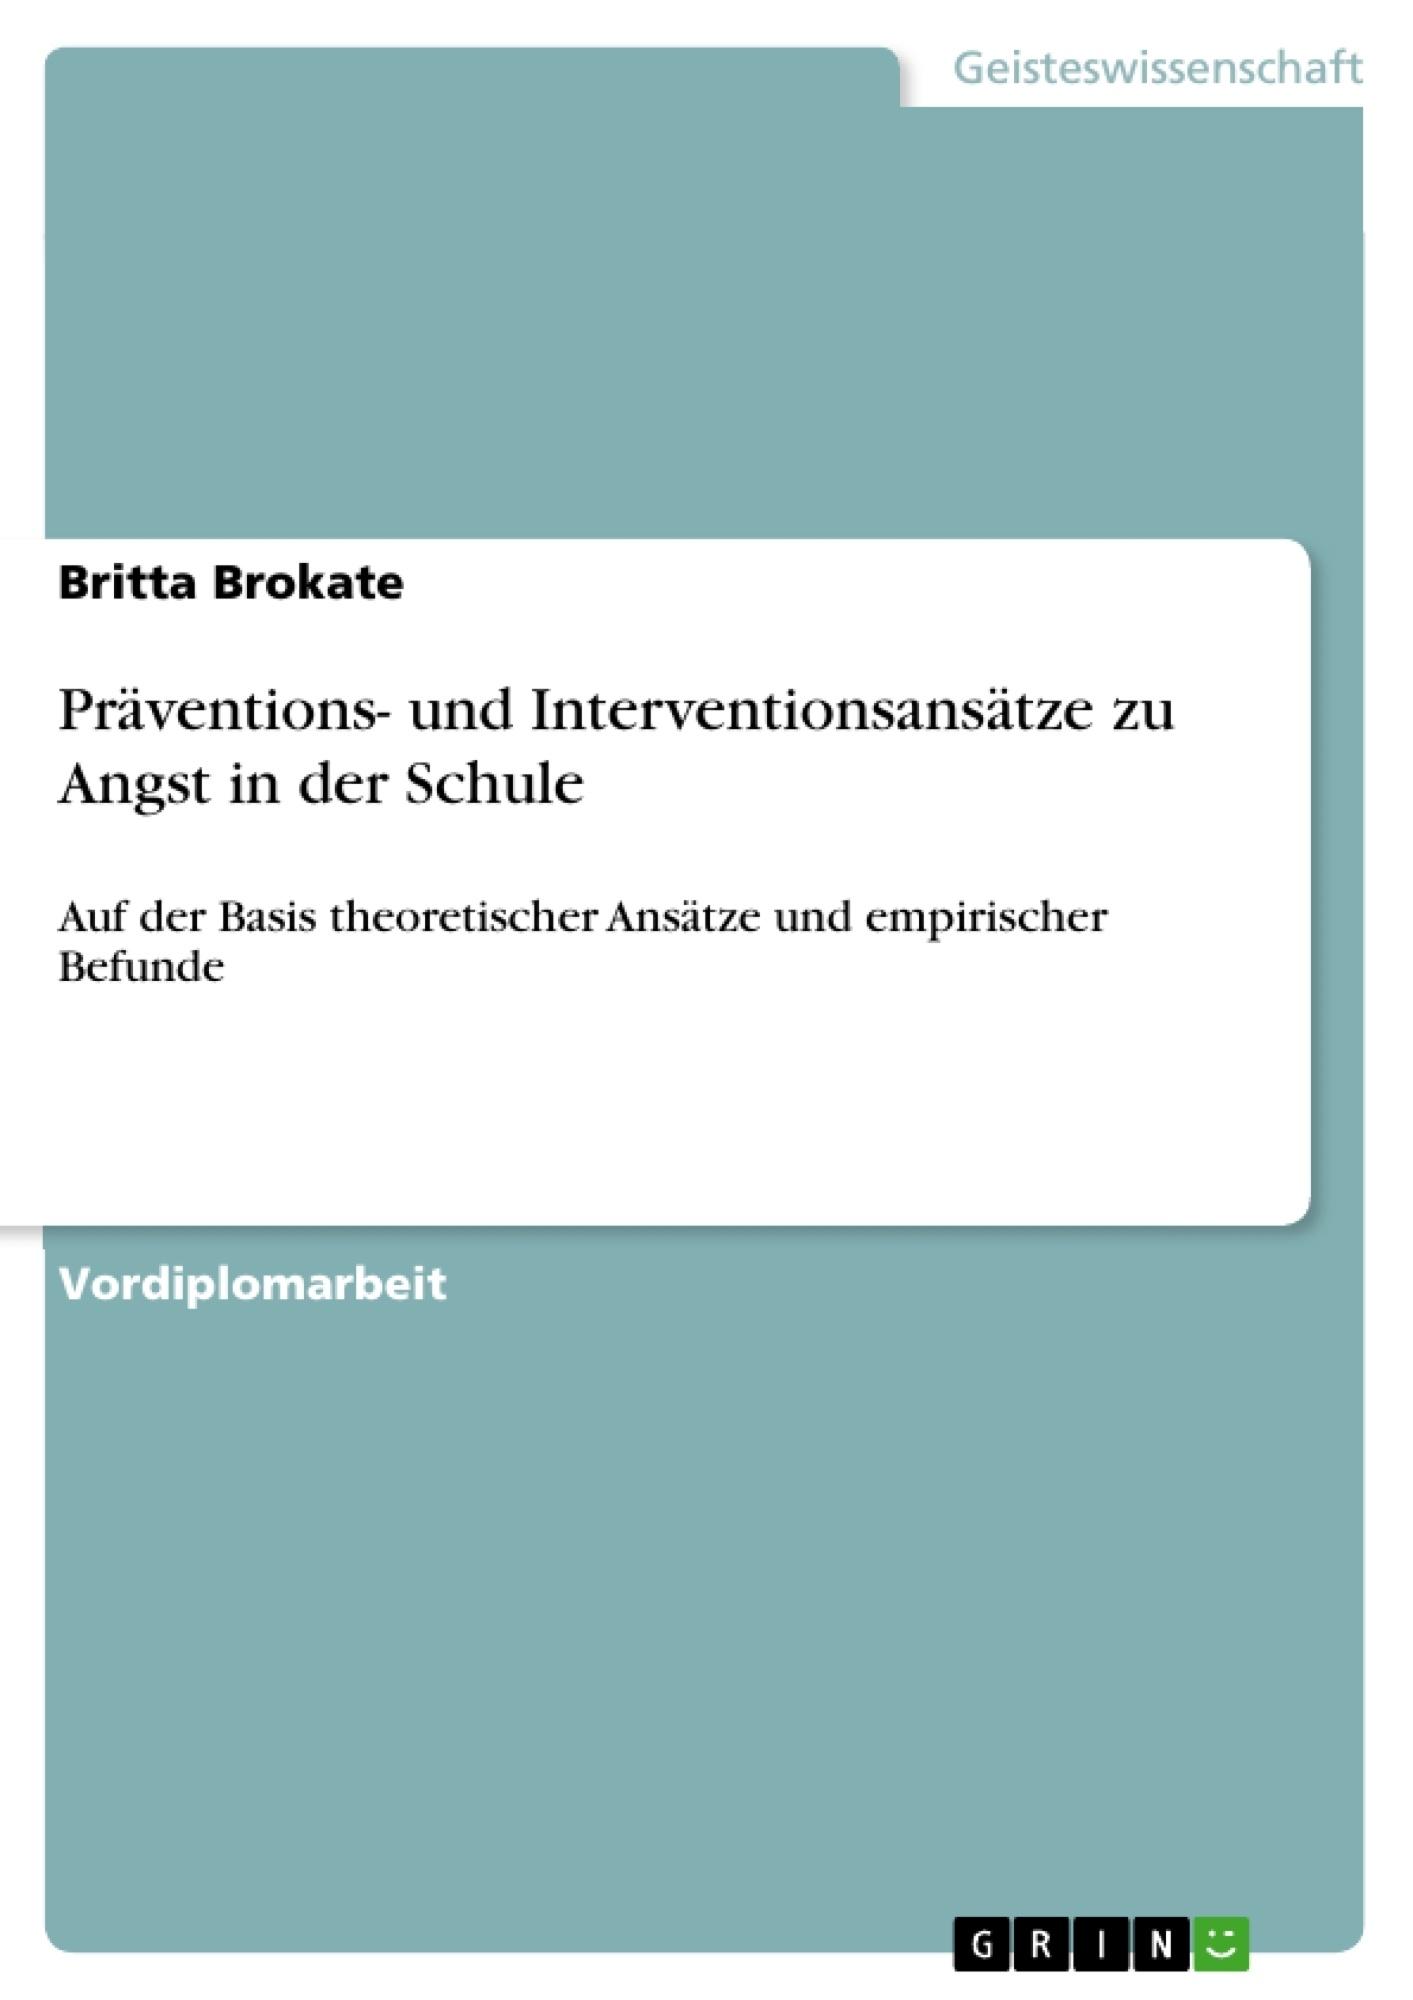 Titel: Präventions- und Interventionsansätze zu Angst in der Schule